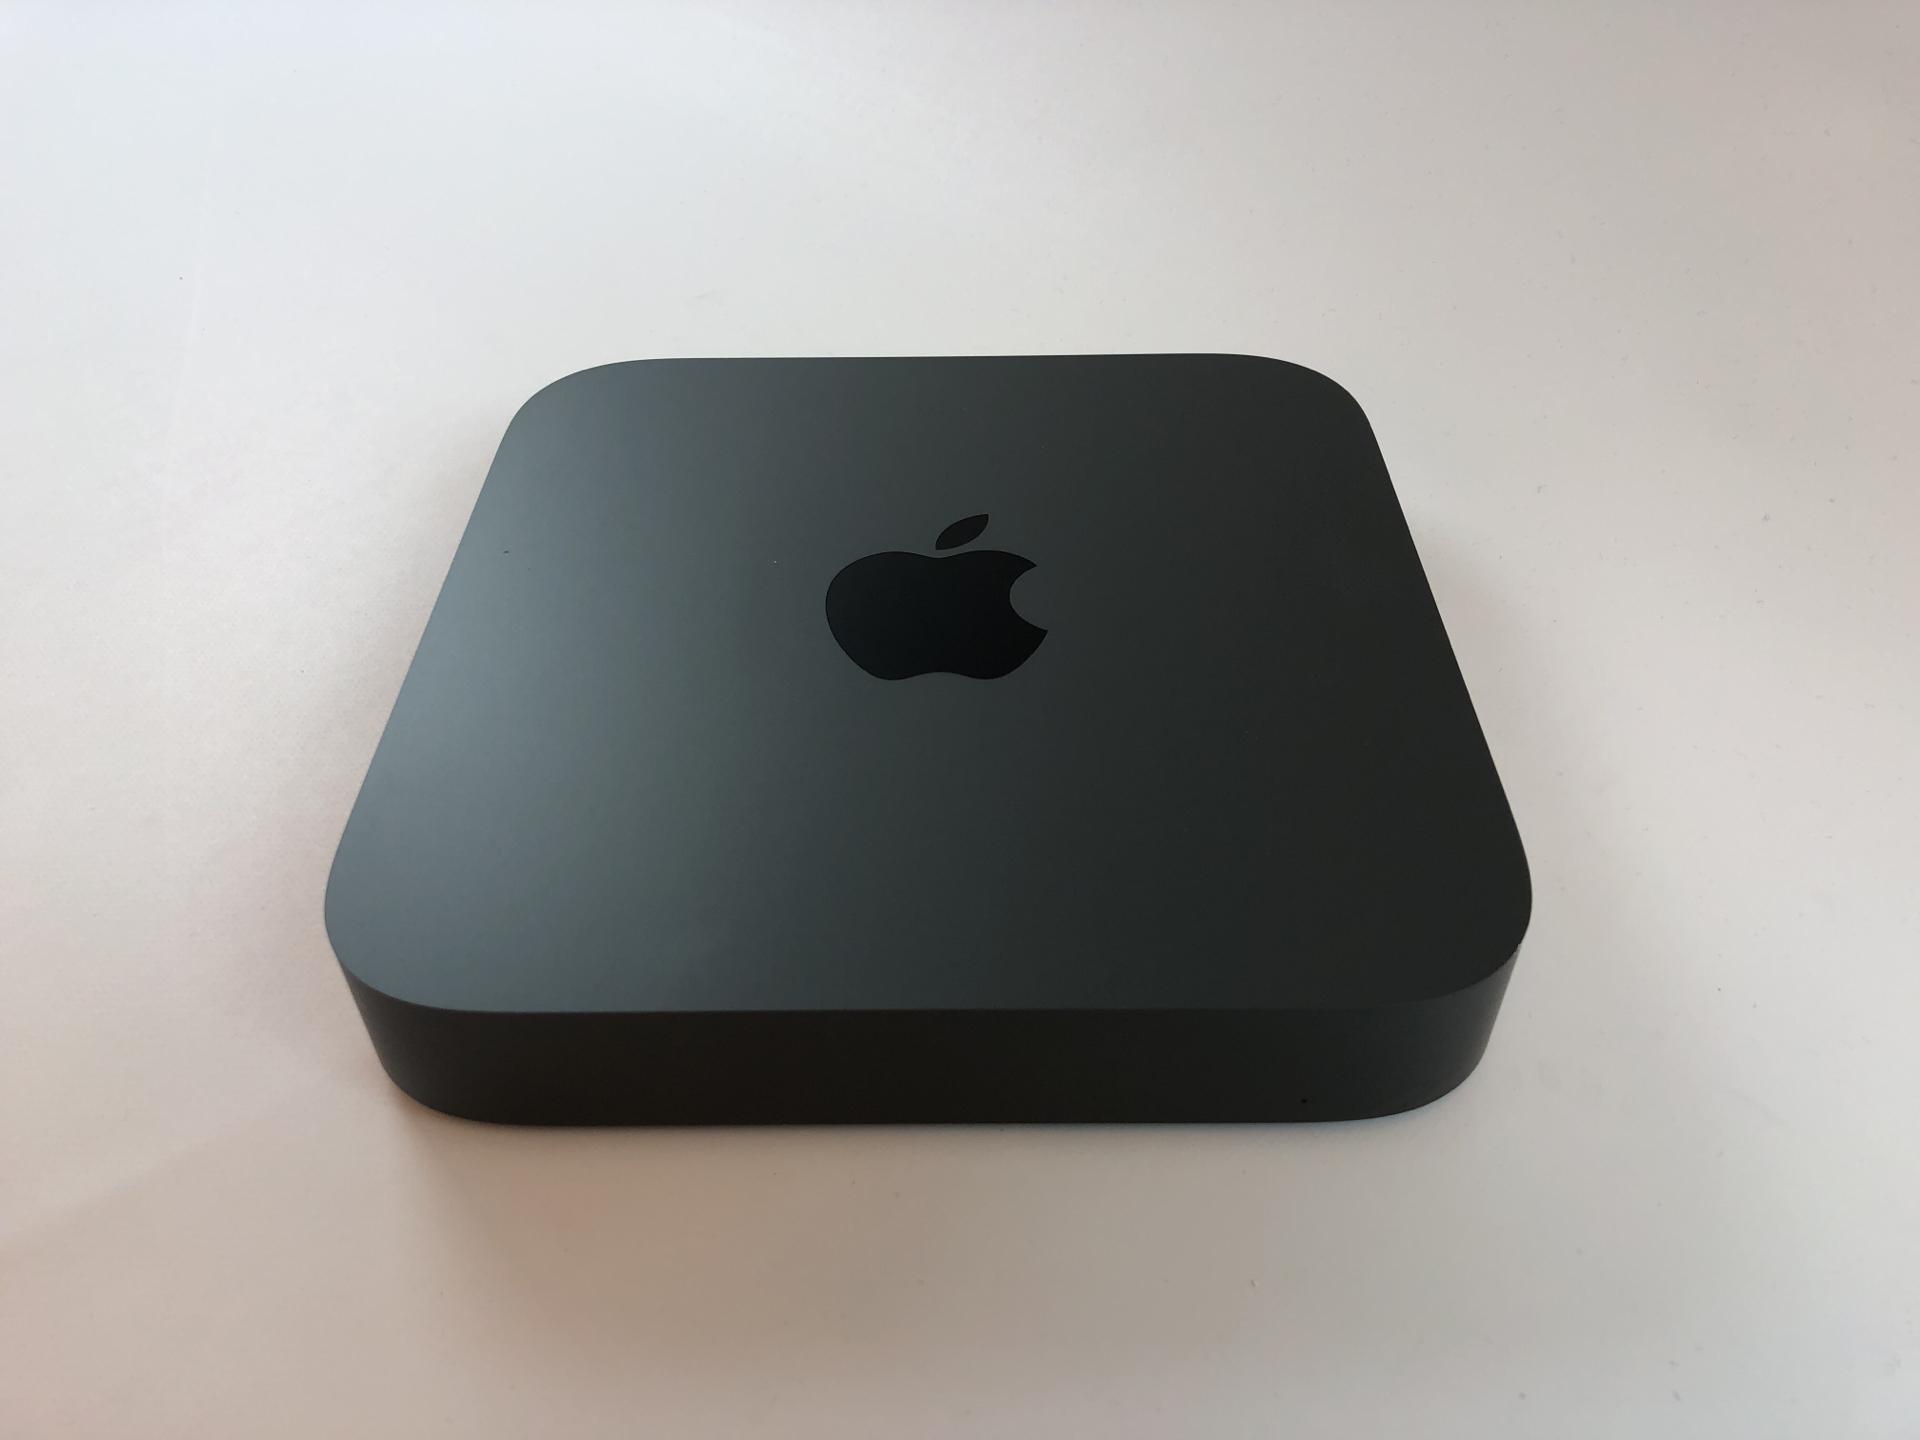 Mac Mini Late 2018 (Intel 6-Core i7 3.2 GHz 64 GB RAM 2 TB SSD), Intel 6-Core i7 3.2 GHz, 64 GB RAM, 2 TB SSD, Kuva 1